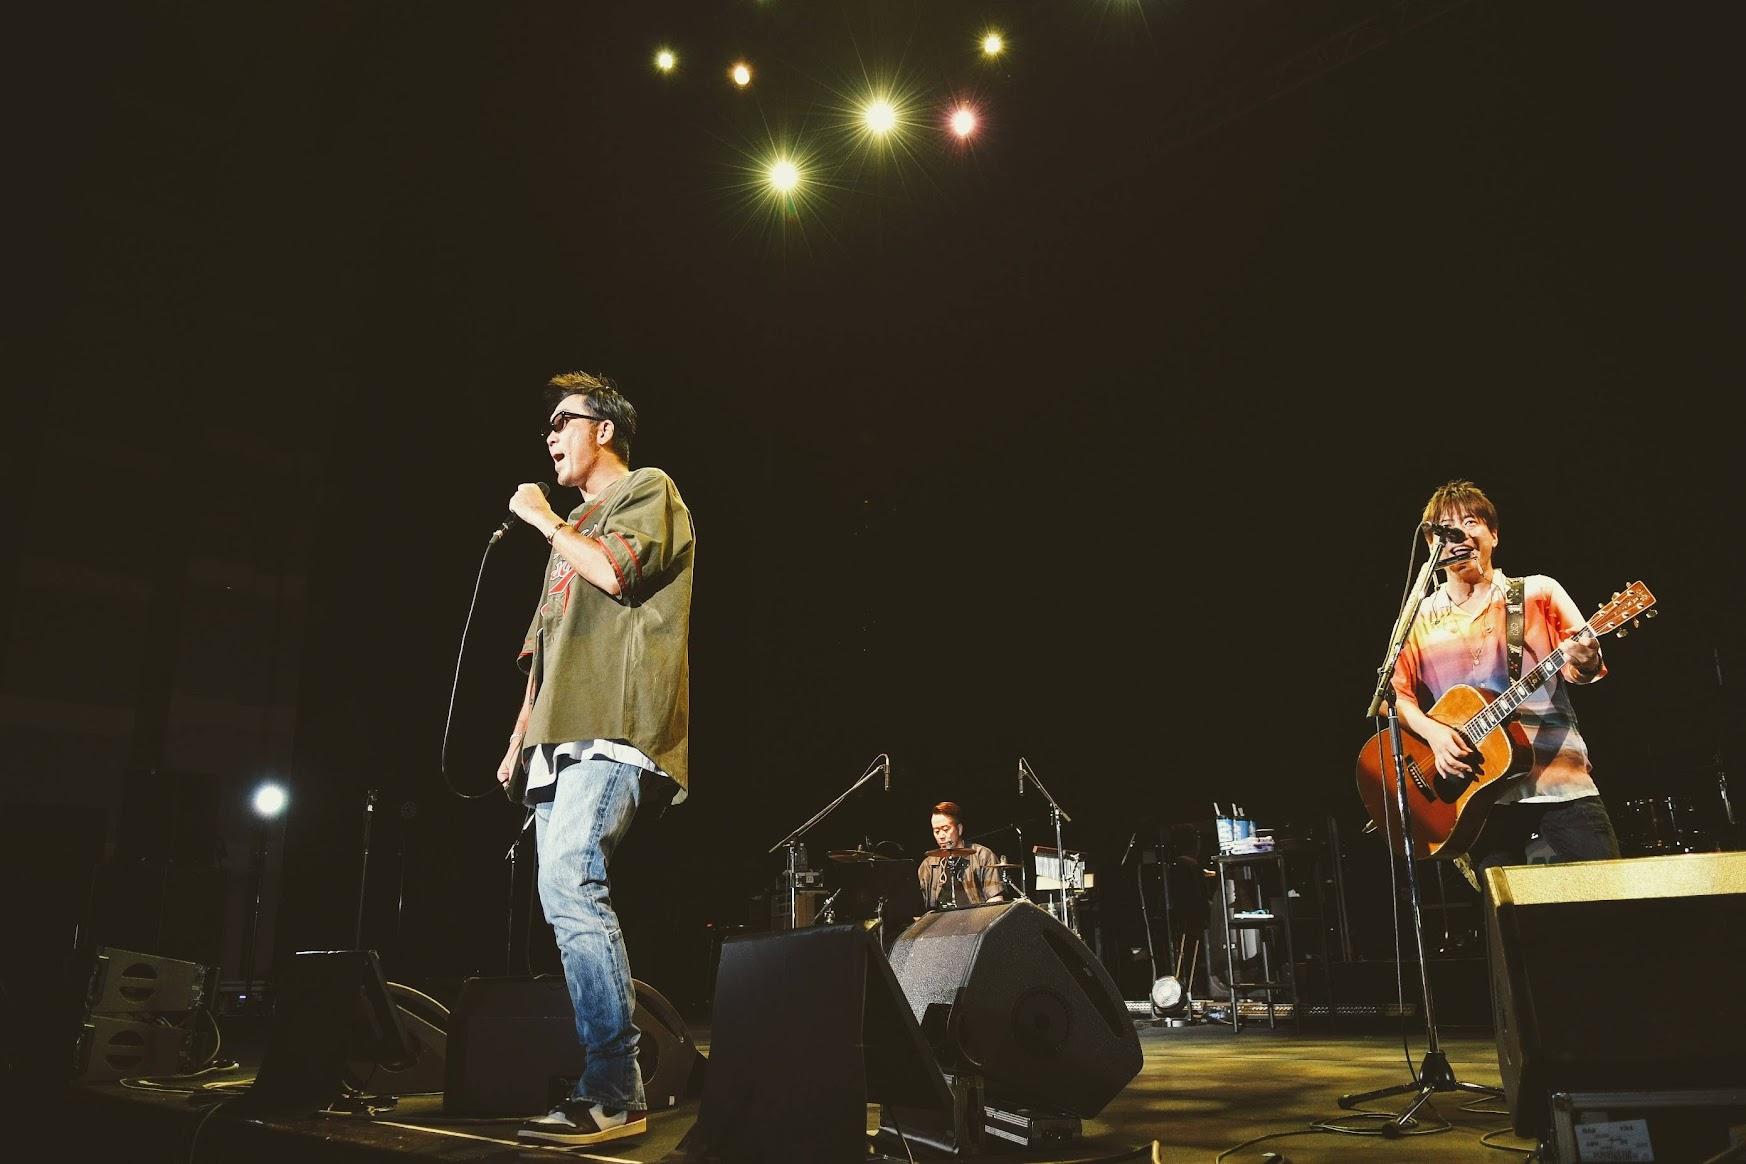 【迷迷現場】 詳細報導 可苦可樂 20週年演唱會最終場在台北 主唱自稱安室奈美惠?!(上)